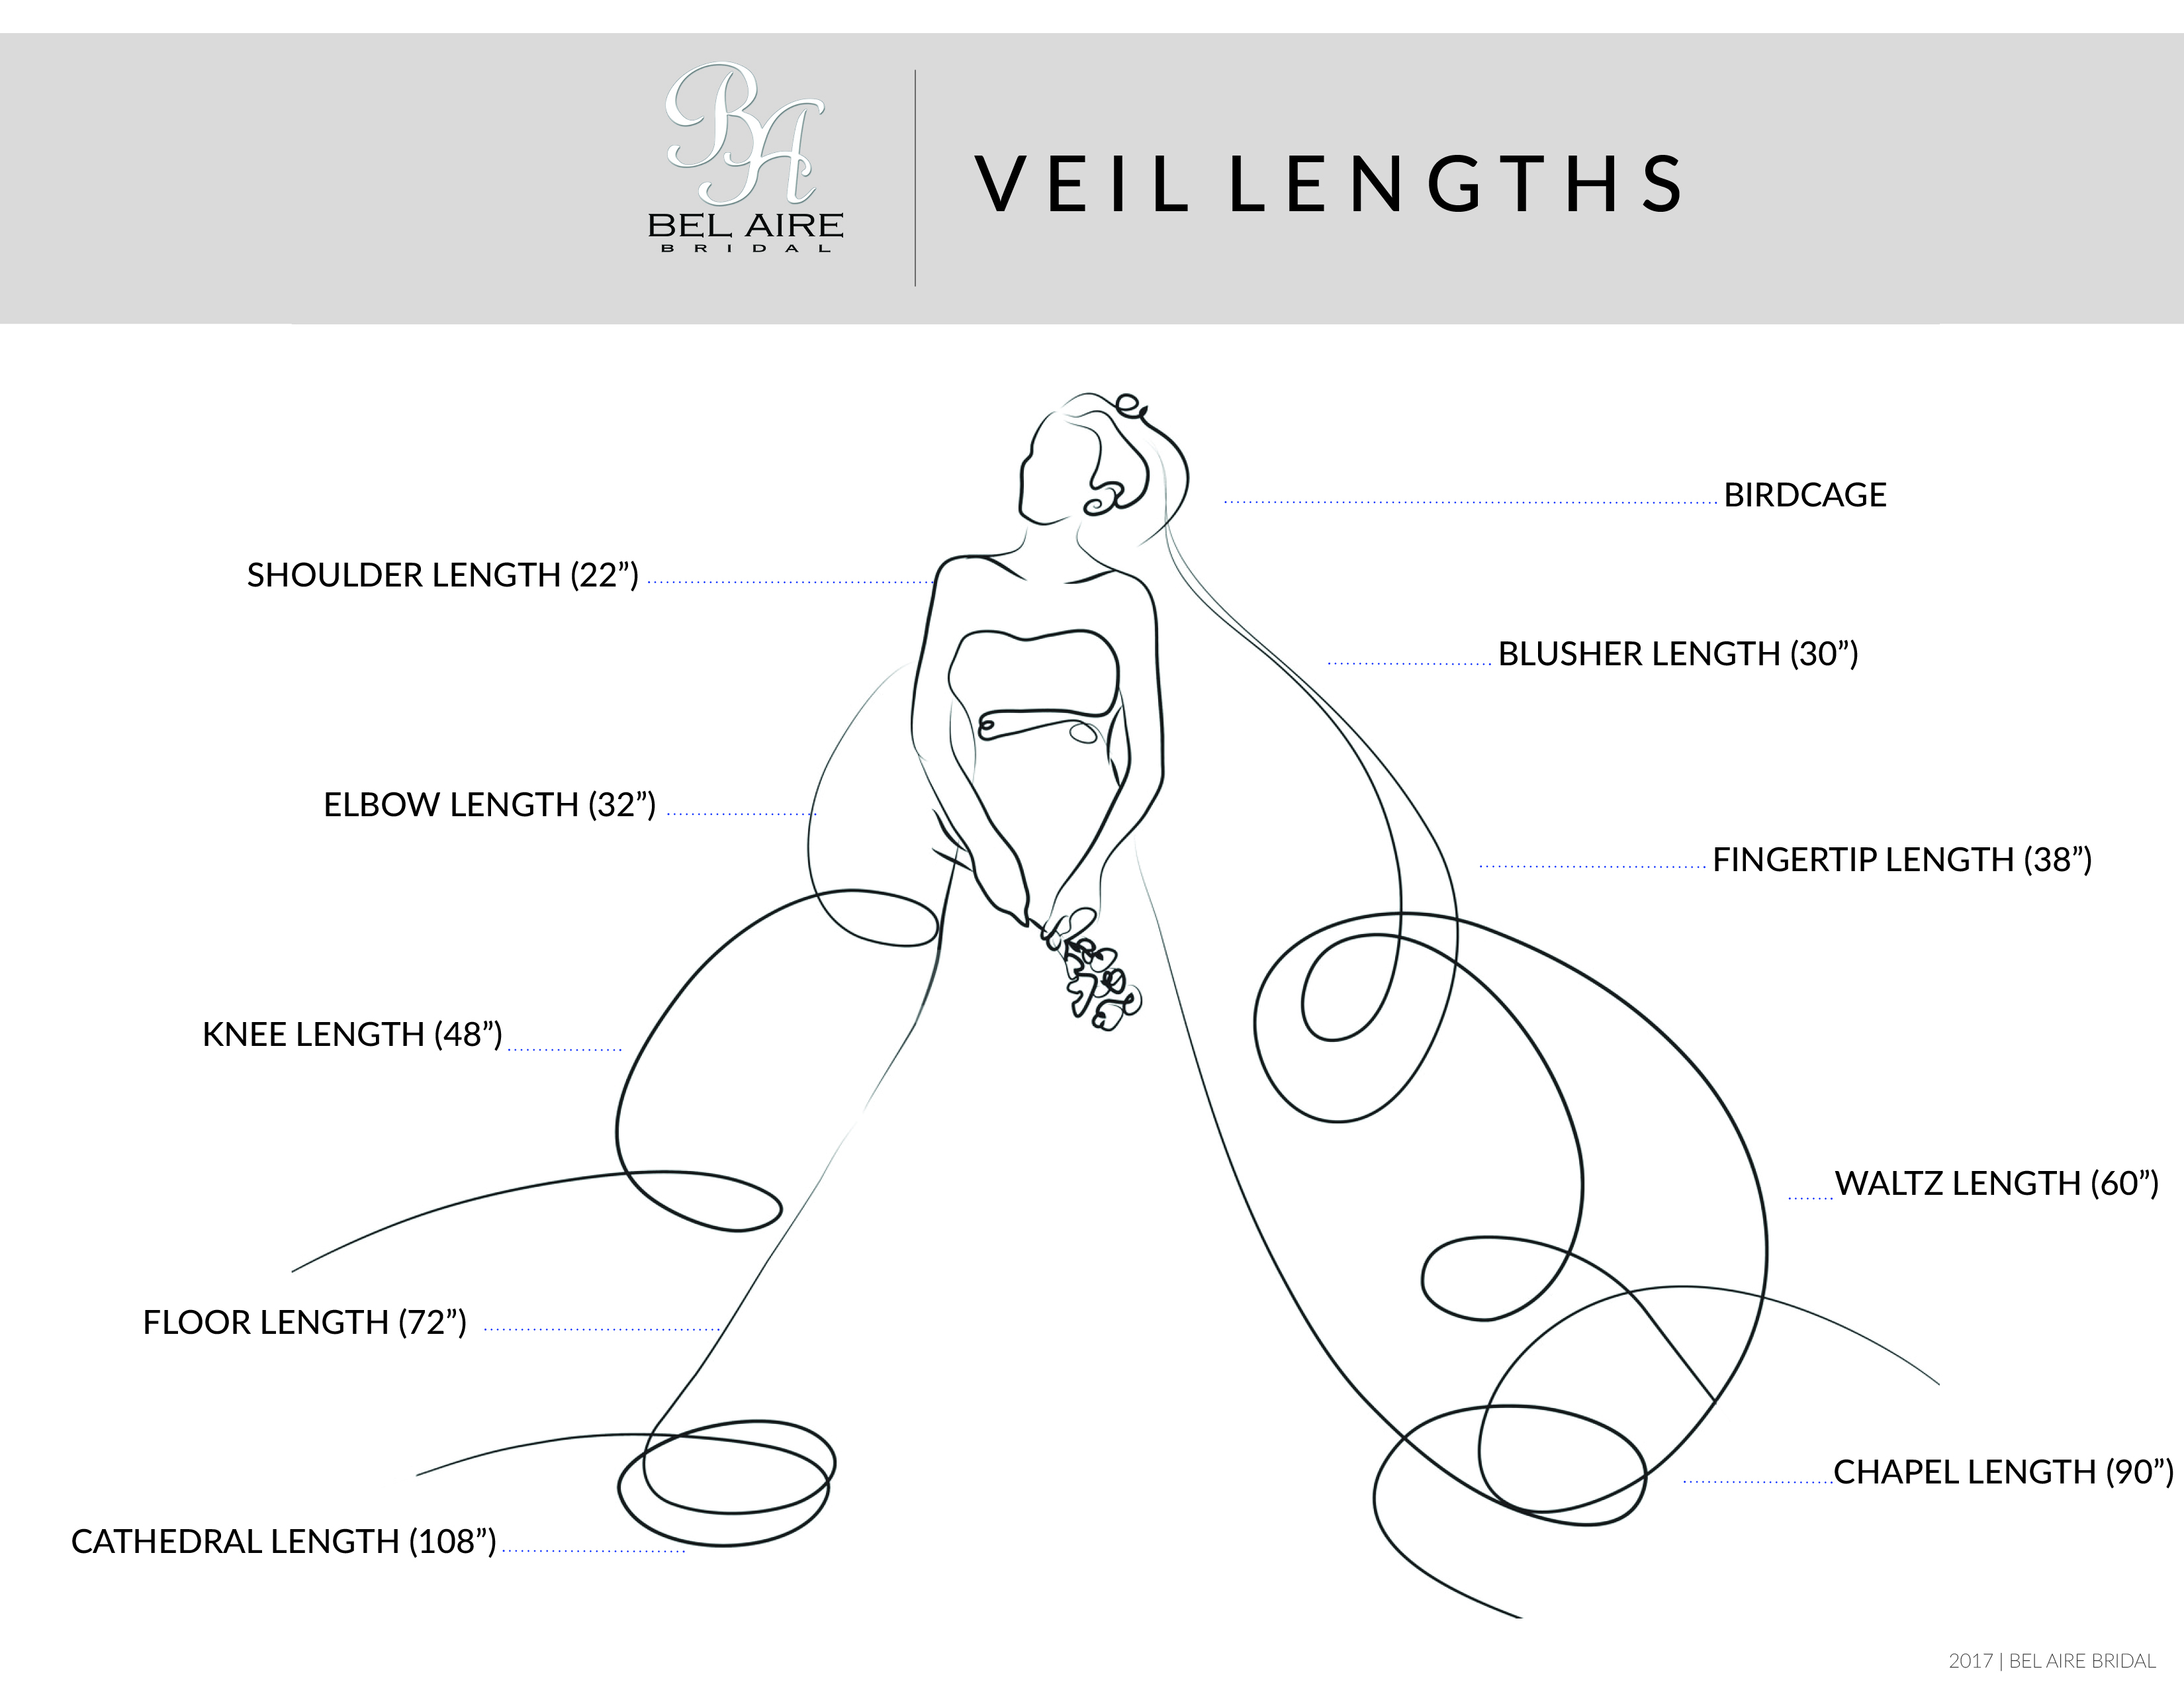 ba-veil-lengths-2017